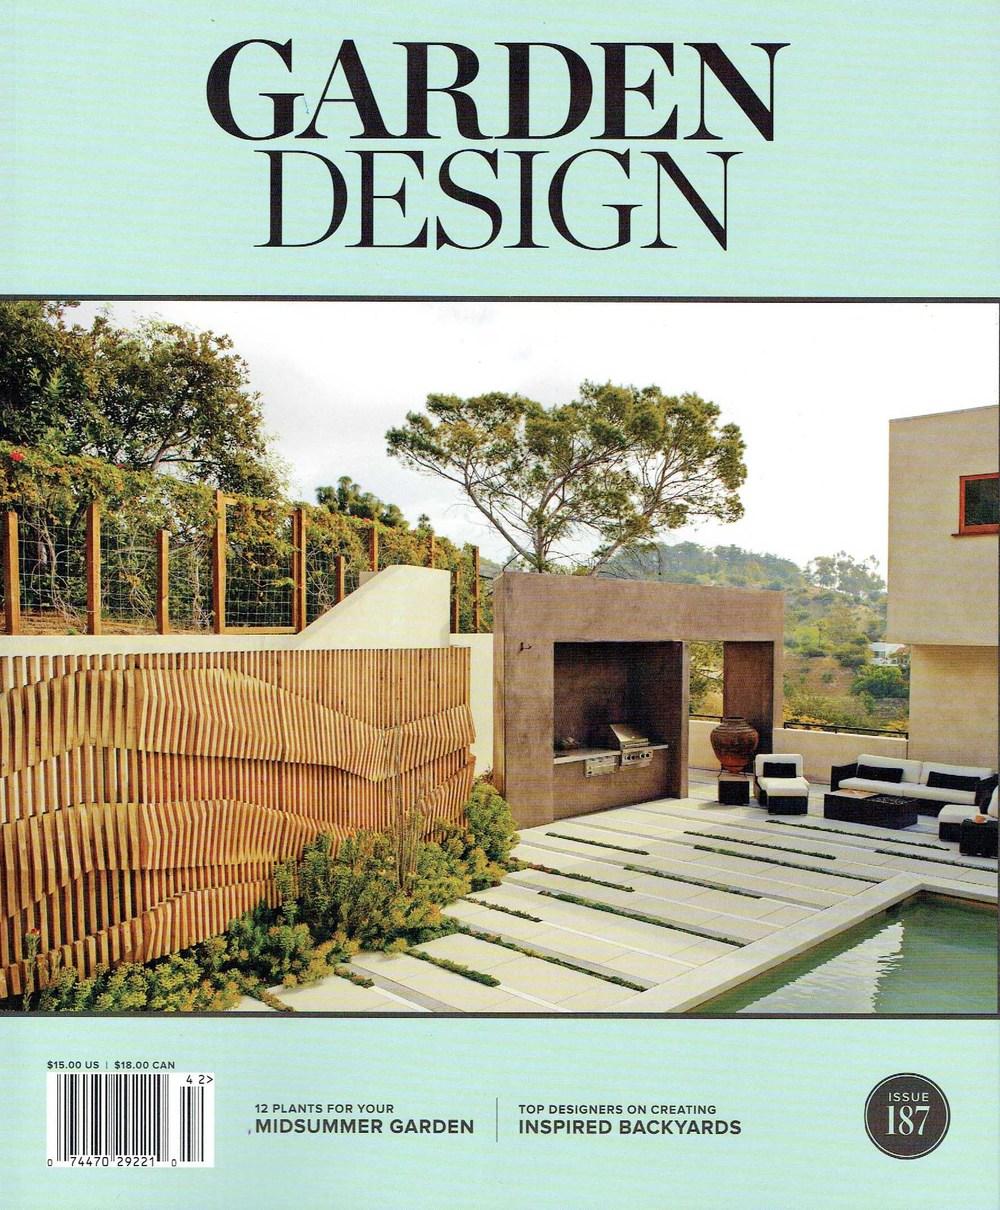 garden design cover.jpg